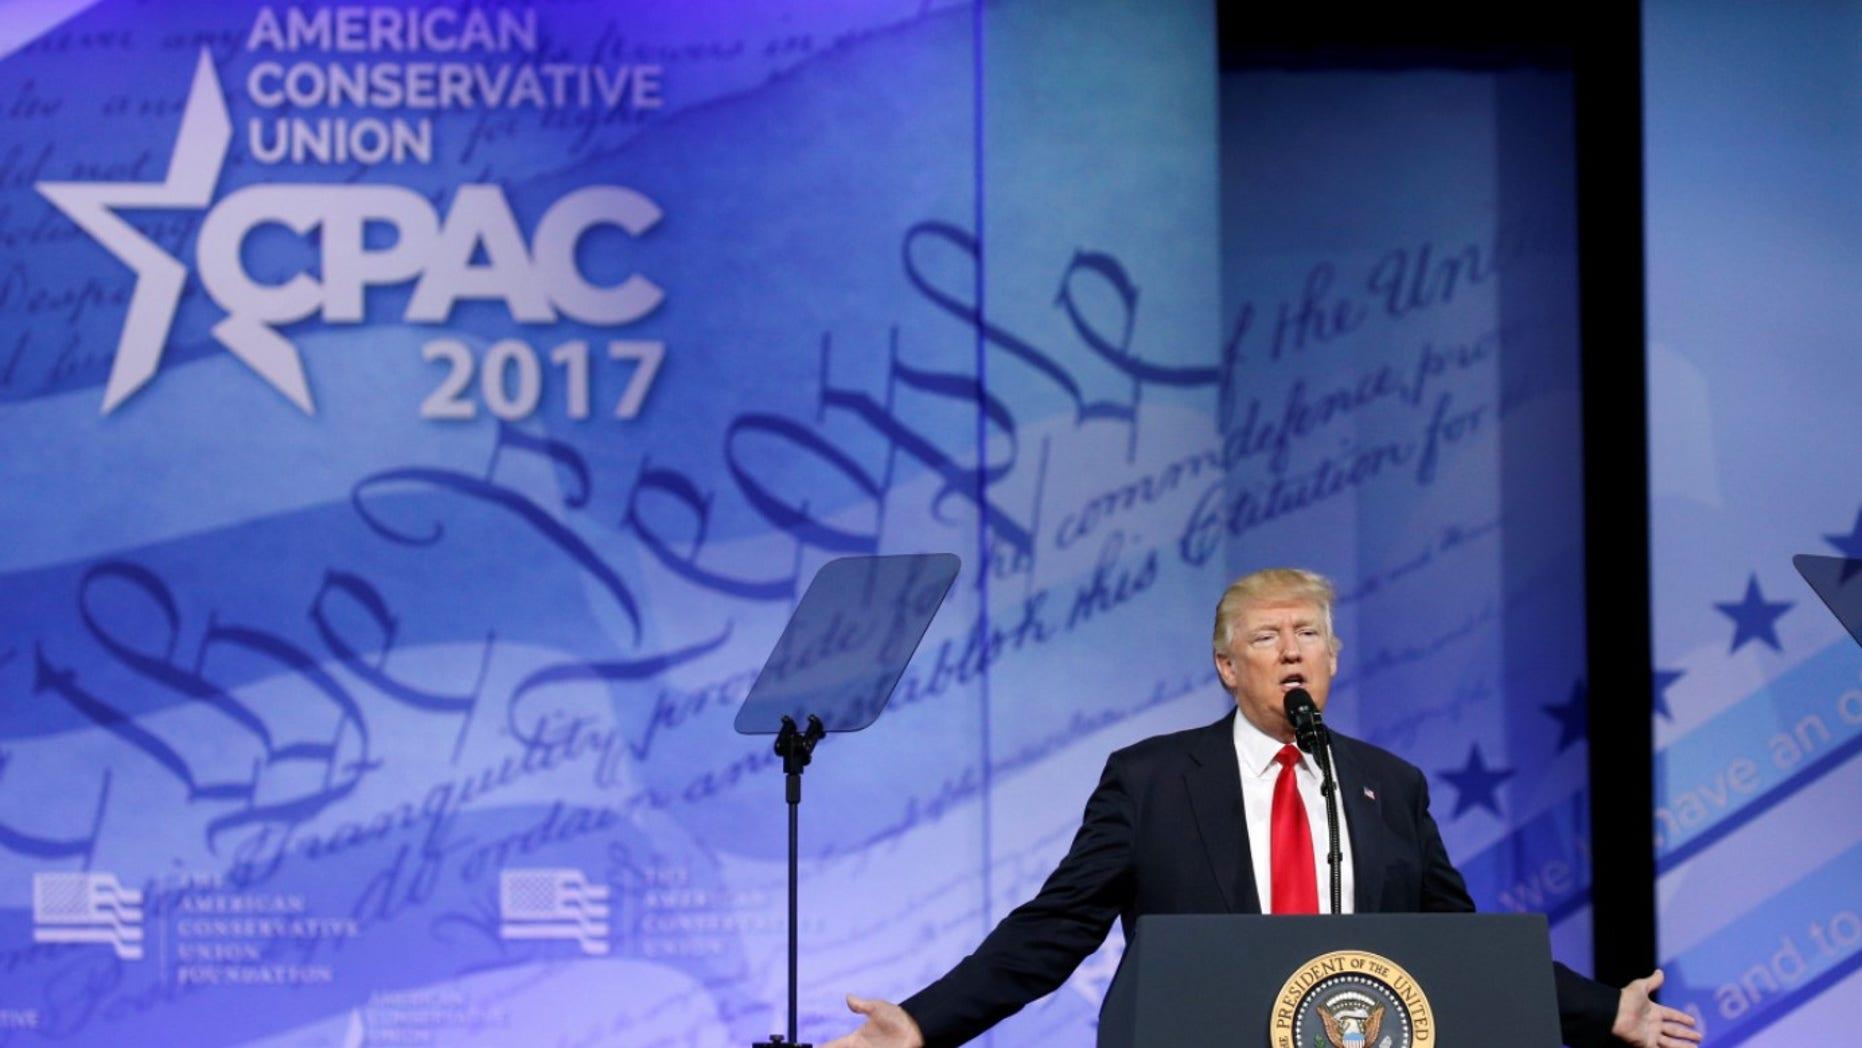 President Trump will speak at CPAC next week.